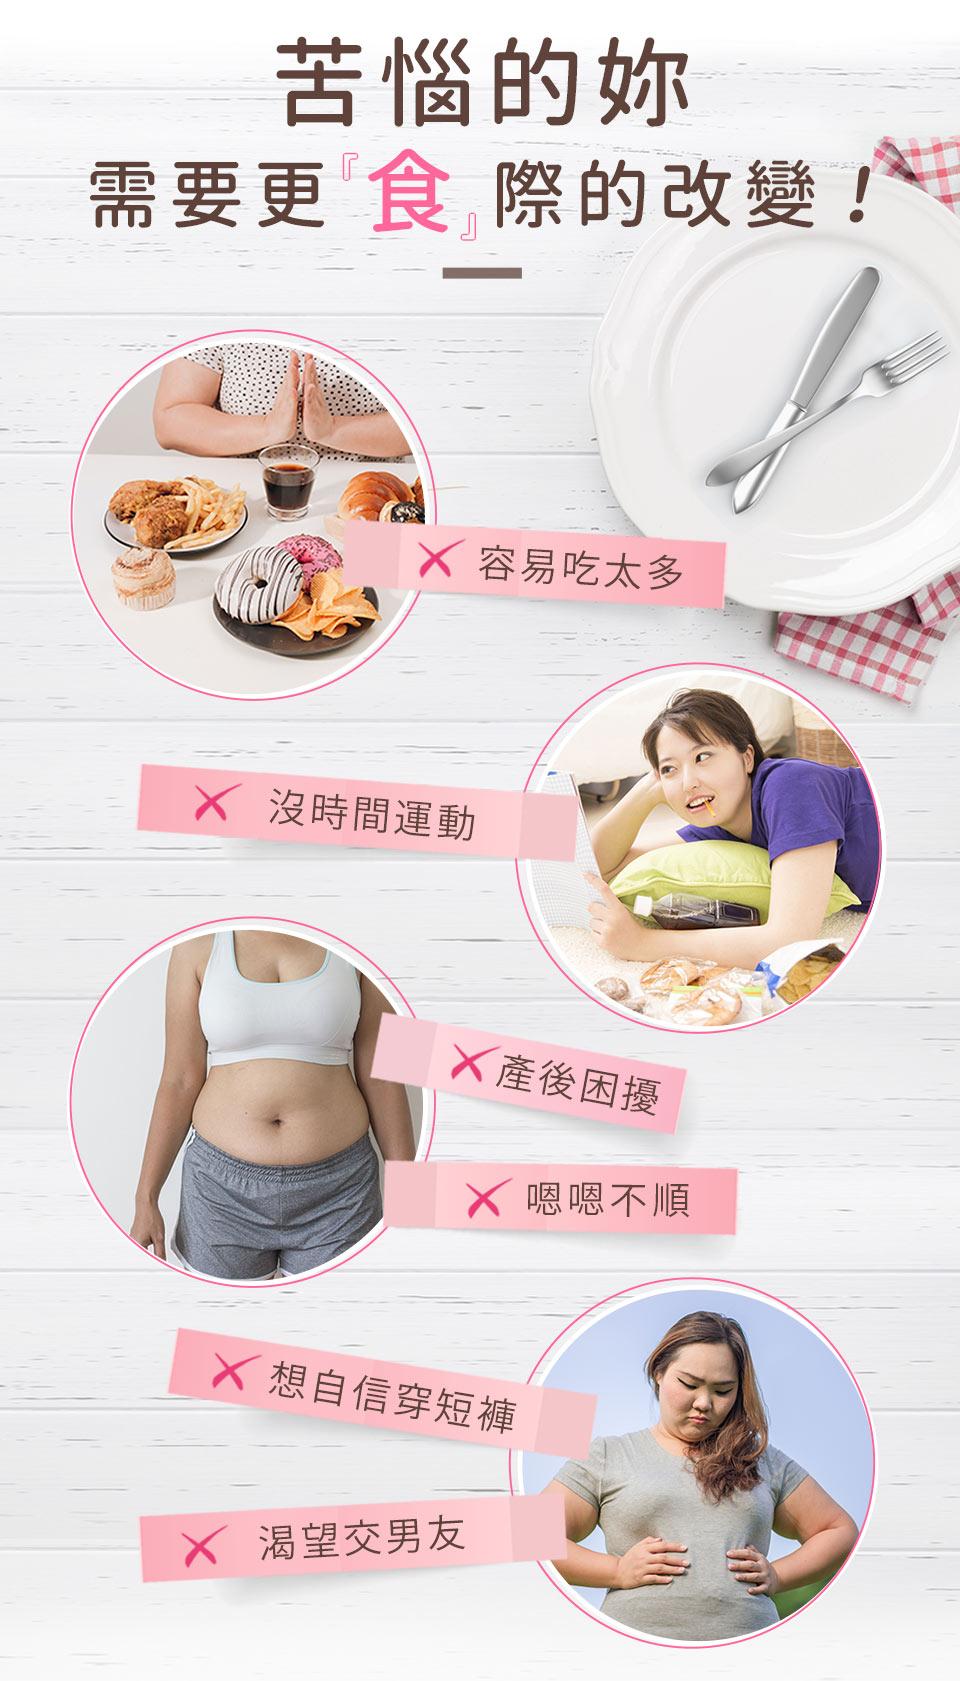 減重必備附註食品,一片少吃一碗飯,打造小鳥胃體質